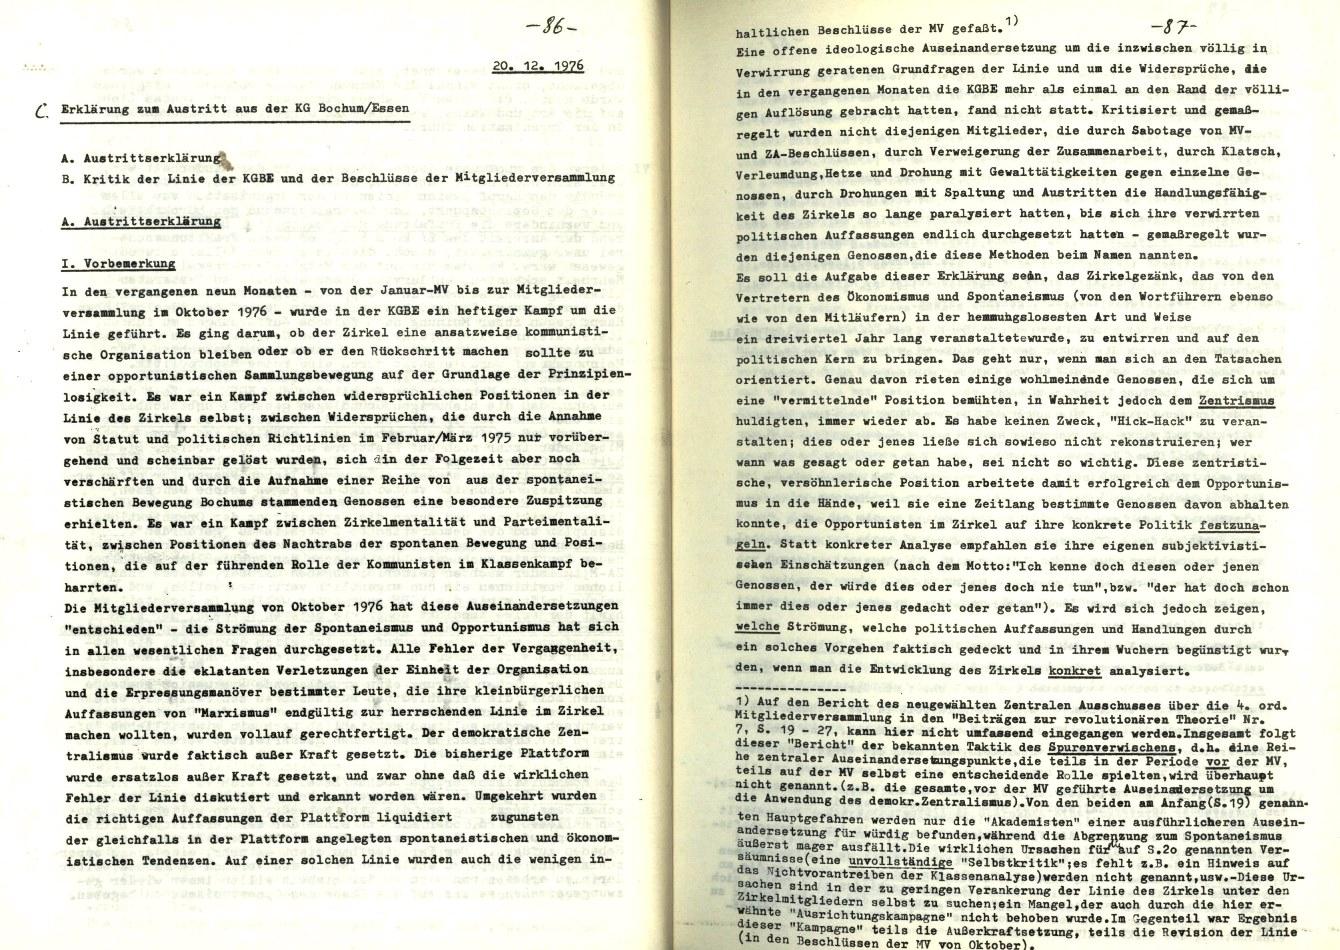 KGBE_Ehemalige_1977_Kritik_an_der_KGBE_47